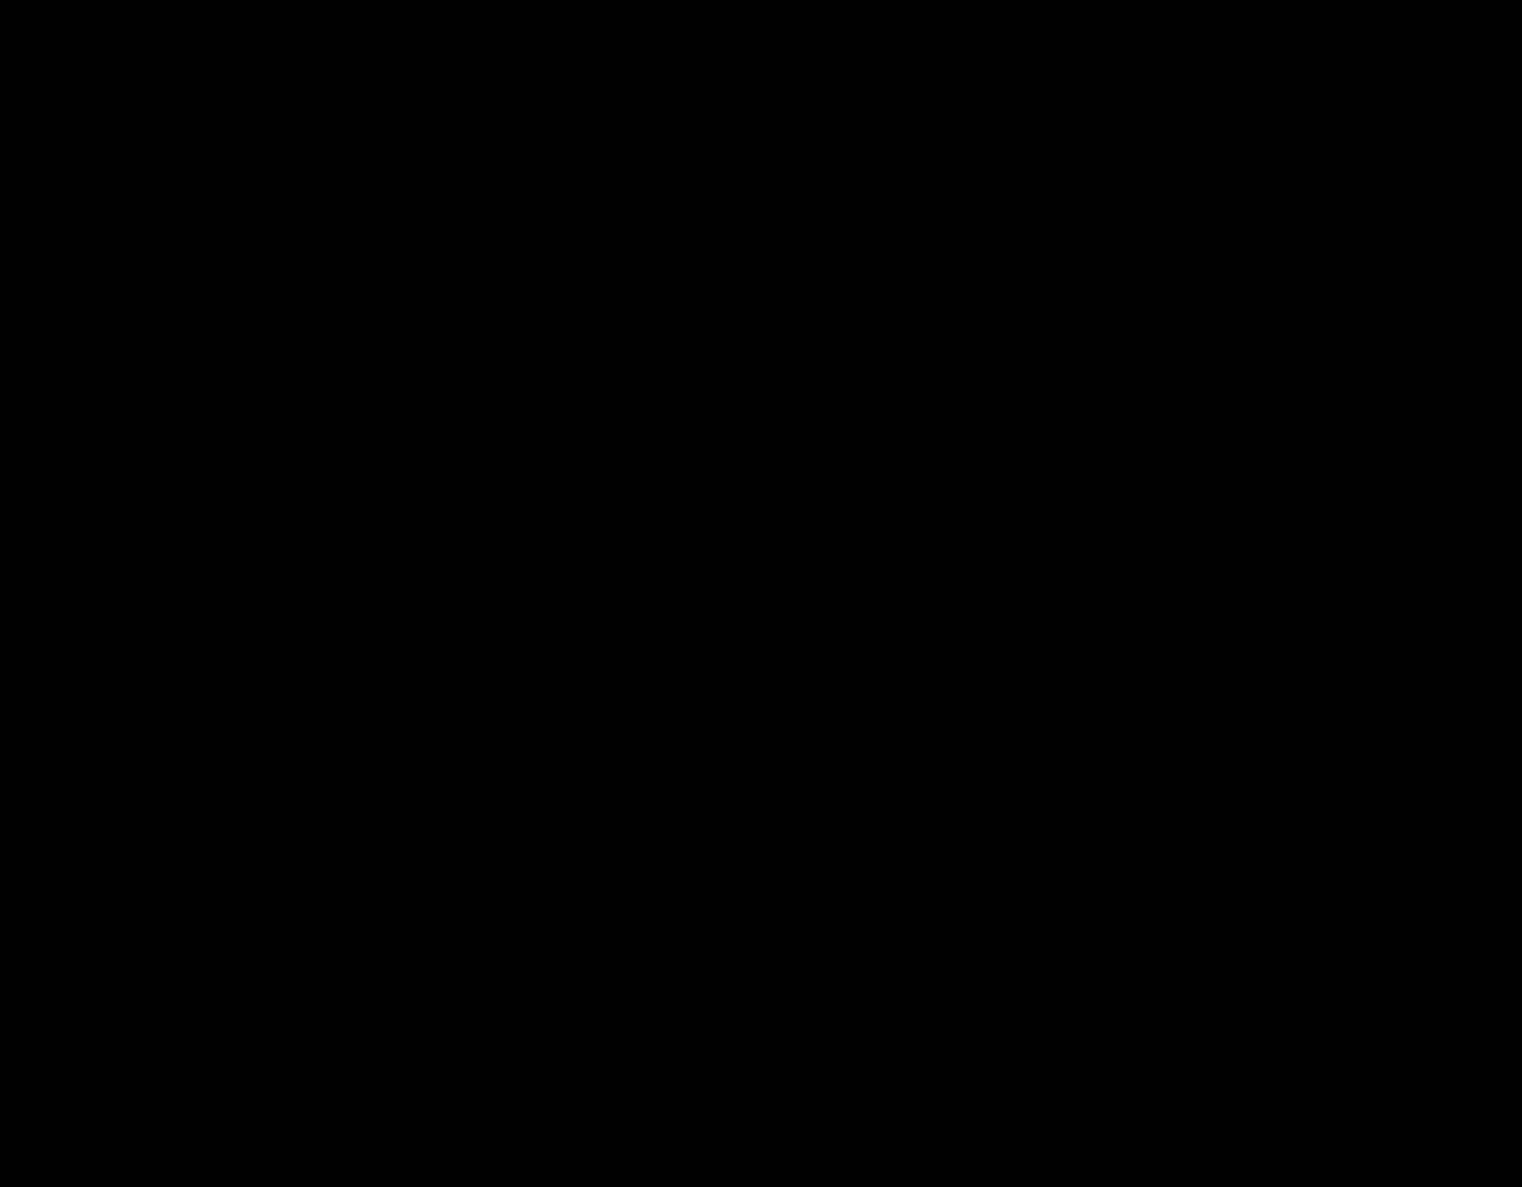 TenVinilo. Vinilo Fortnite pared personajes armados con nombre. Como amante de los juegos de Fortnite, seguro que quieres decorar tu cuarto con este vinilo Fortnite pared con personajes ¡Envío exprés!